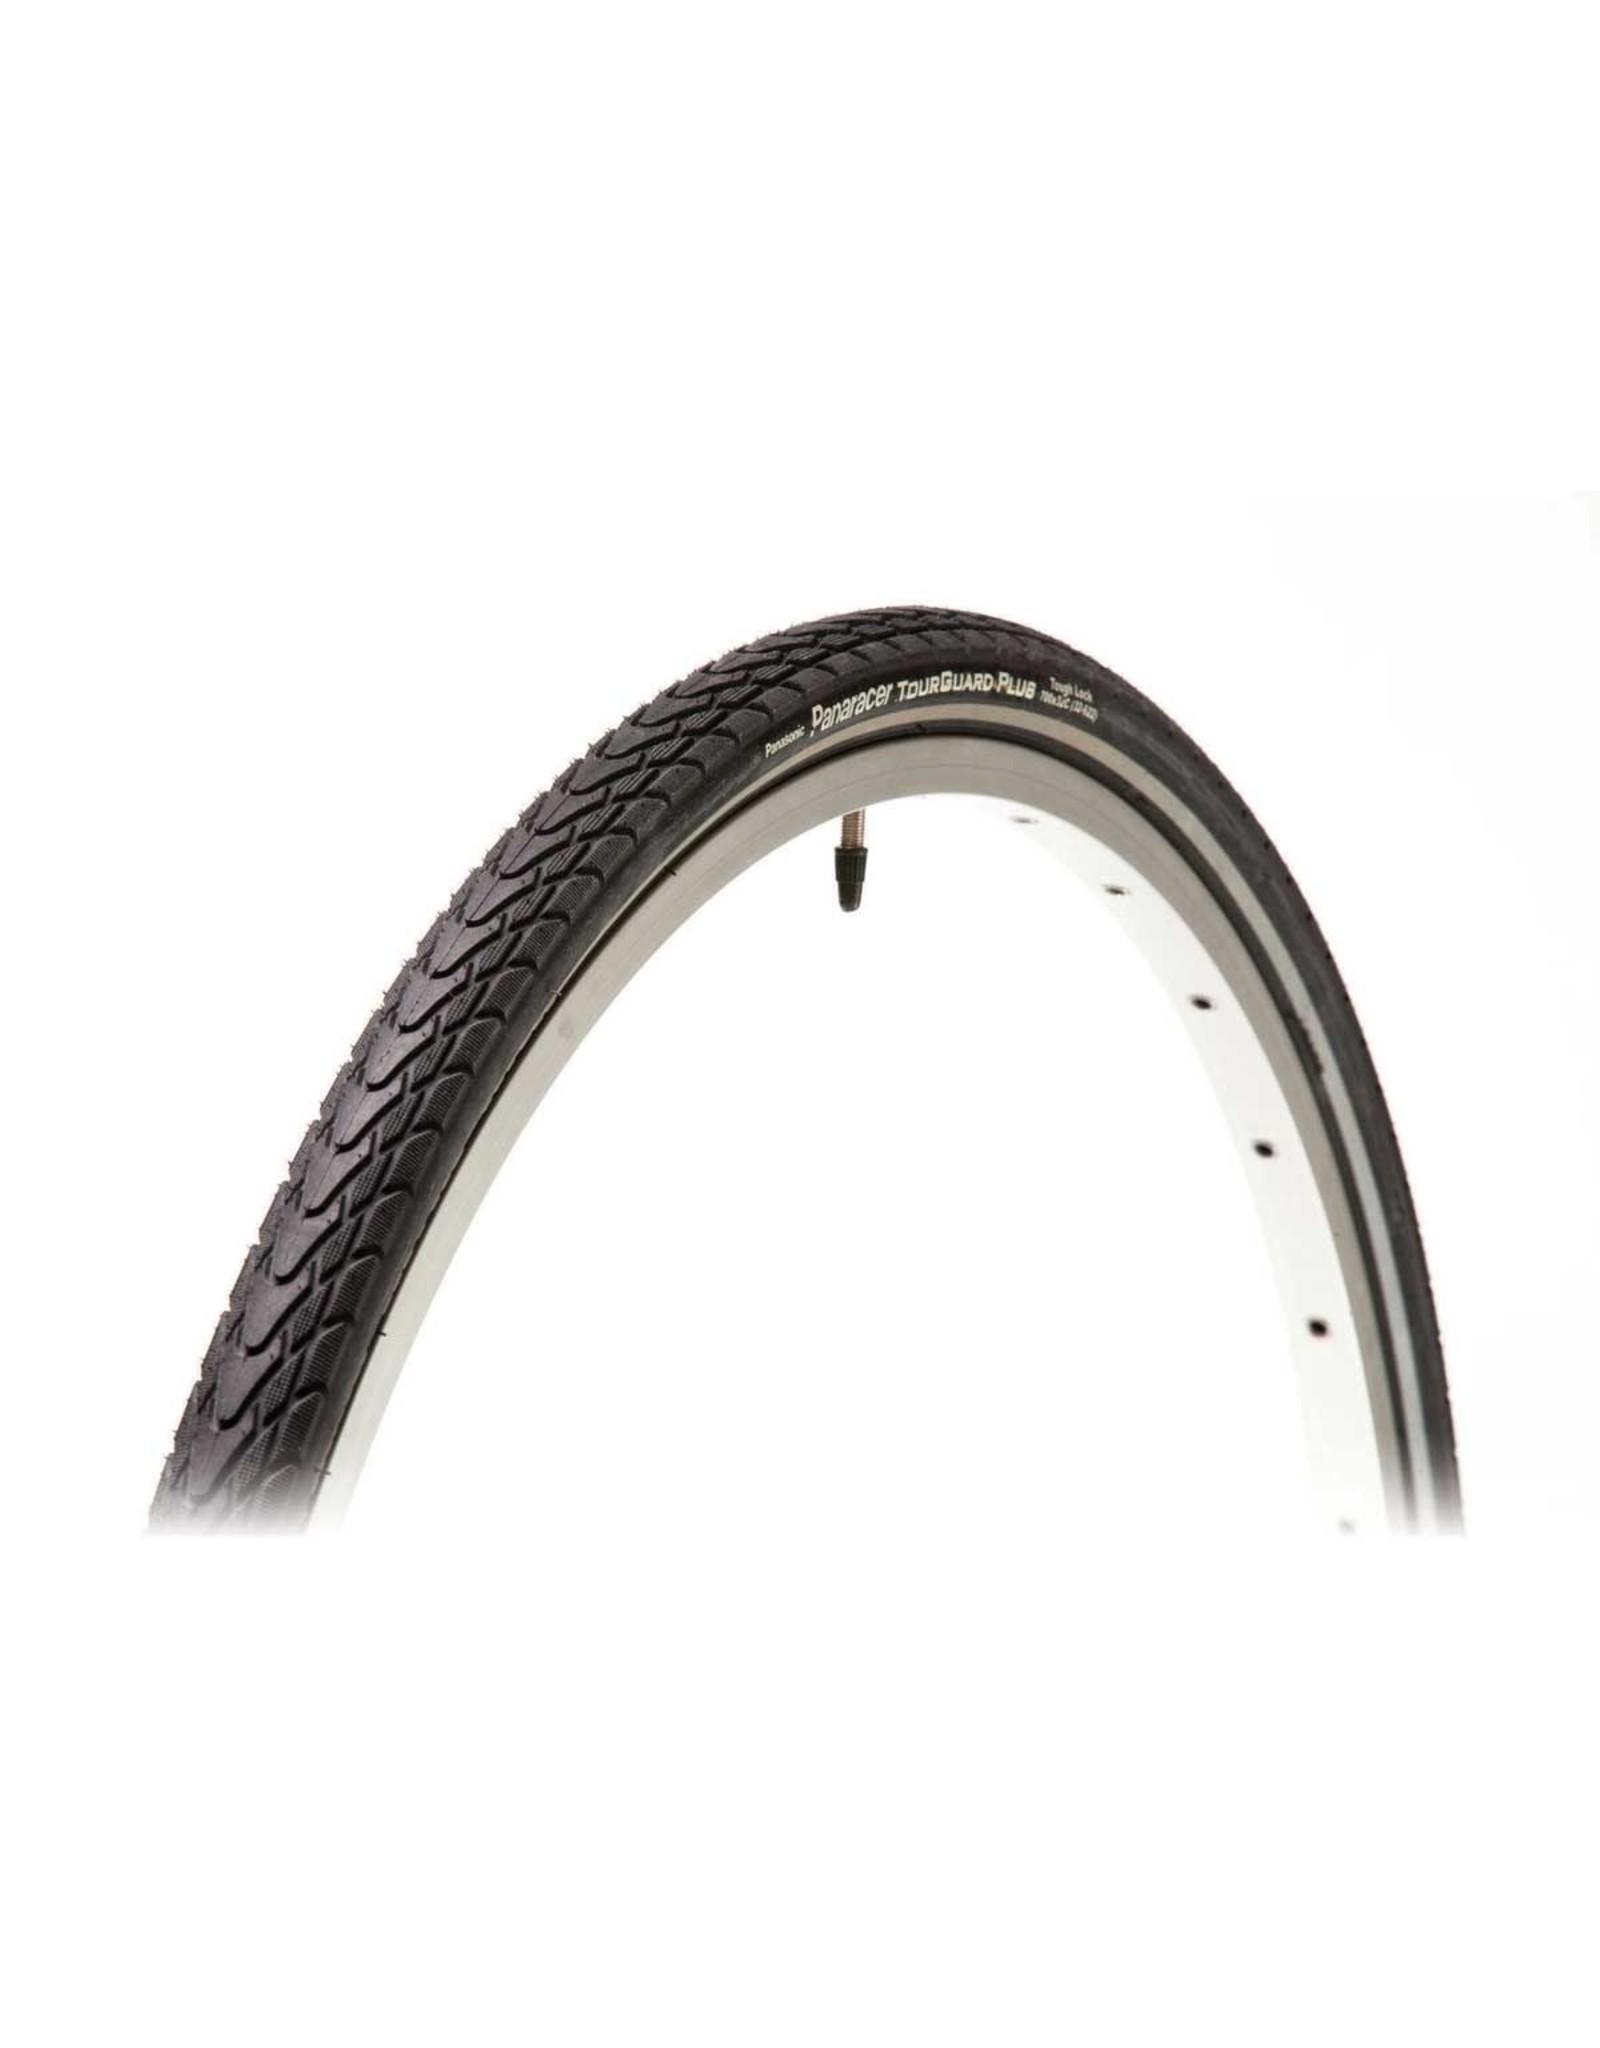 Panaracer Tyre Tour Guard Plus 700 x 25